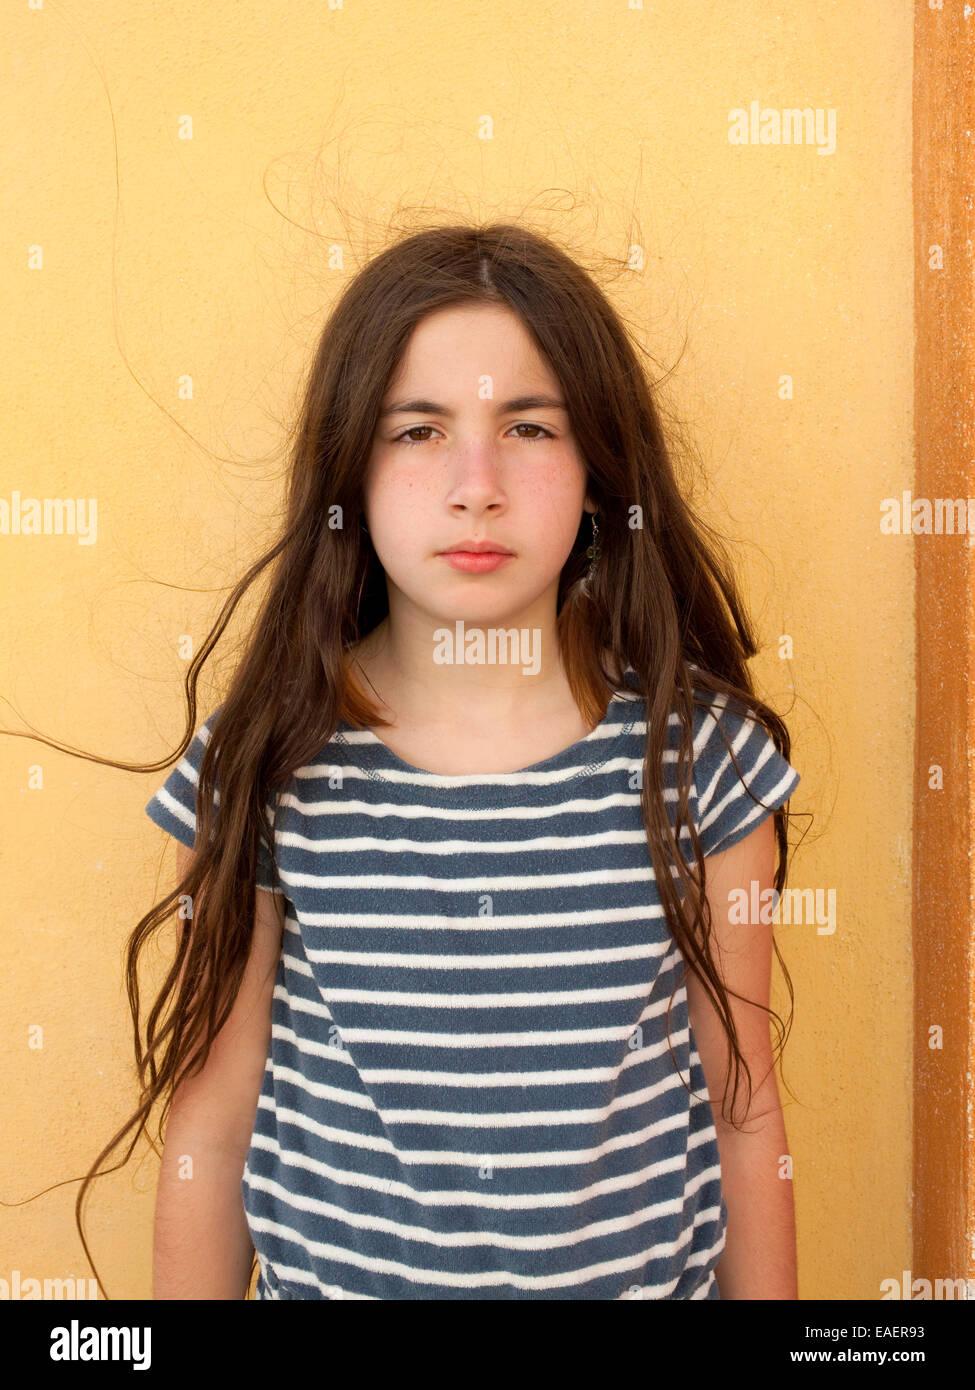 Junges Mädchen mit ernsten Ausdruck und krauses Haar Stockbild